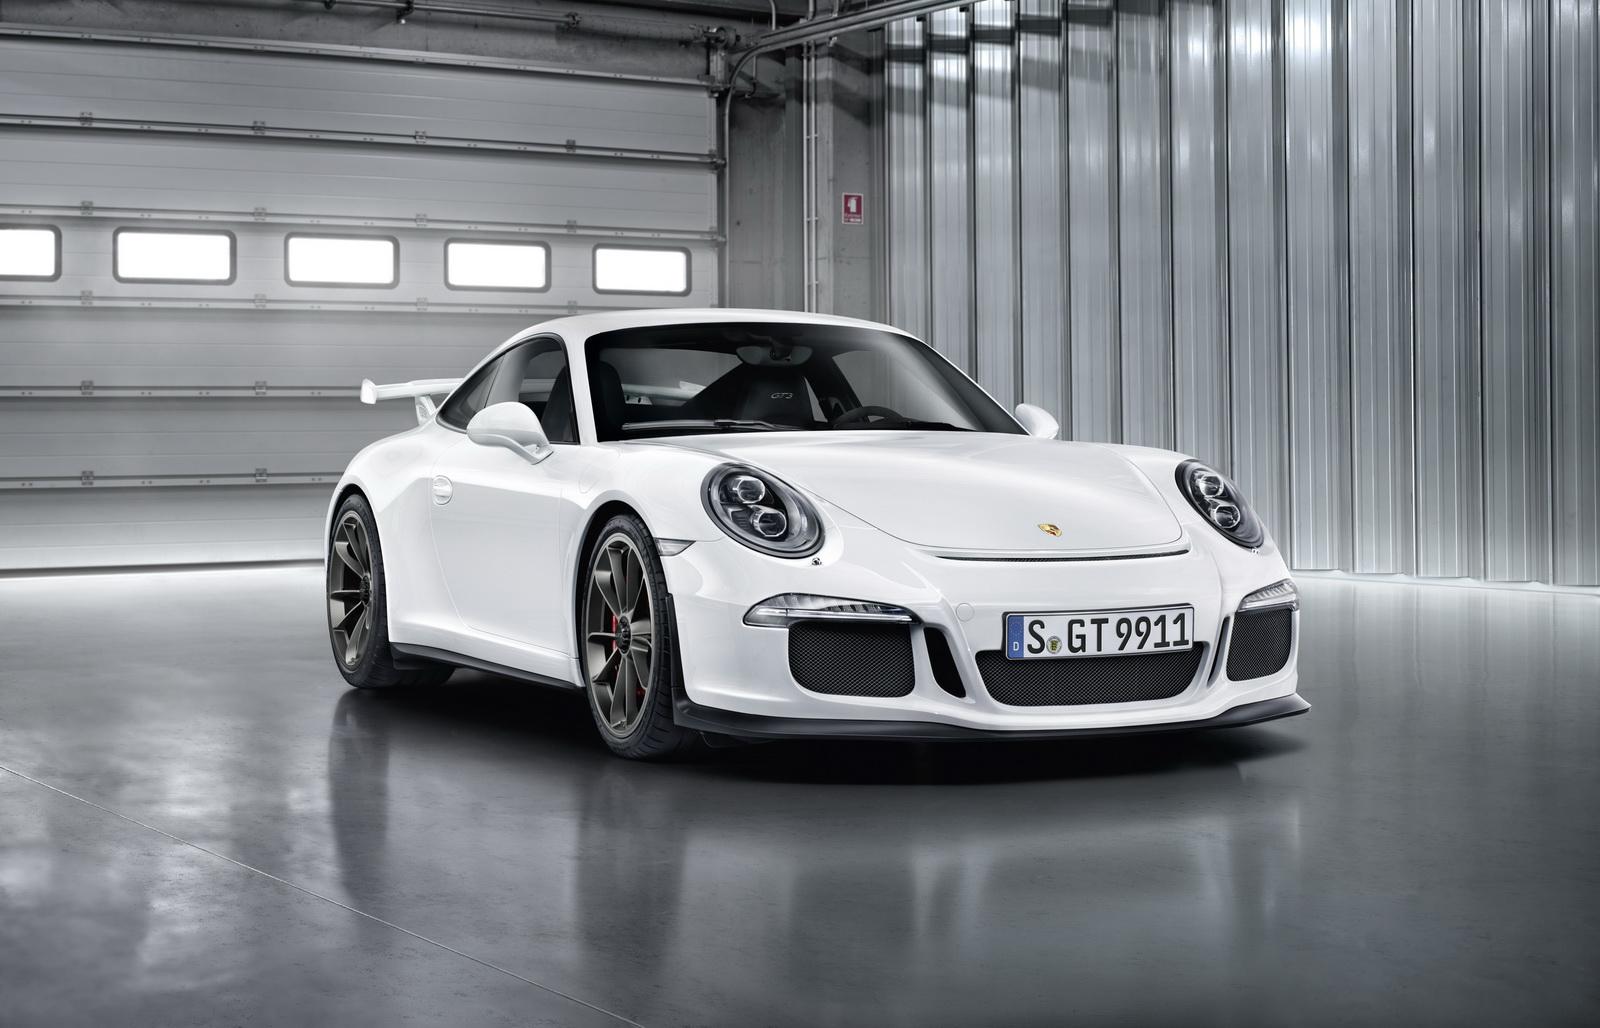 Với dòng xe mang nhiều giá trị cổ điển như Porsche 911 GT3, thì số sàn là lựa chọn hợp lý